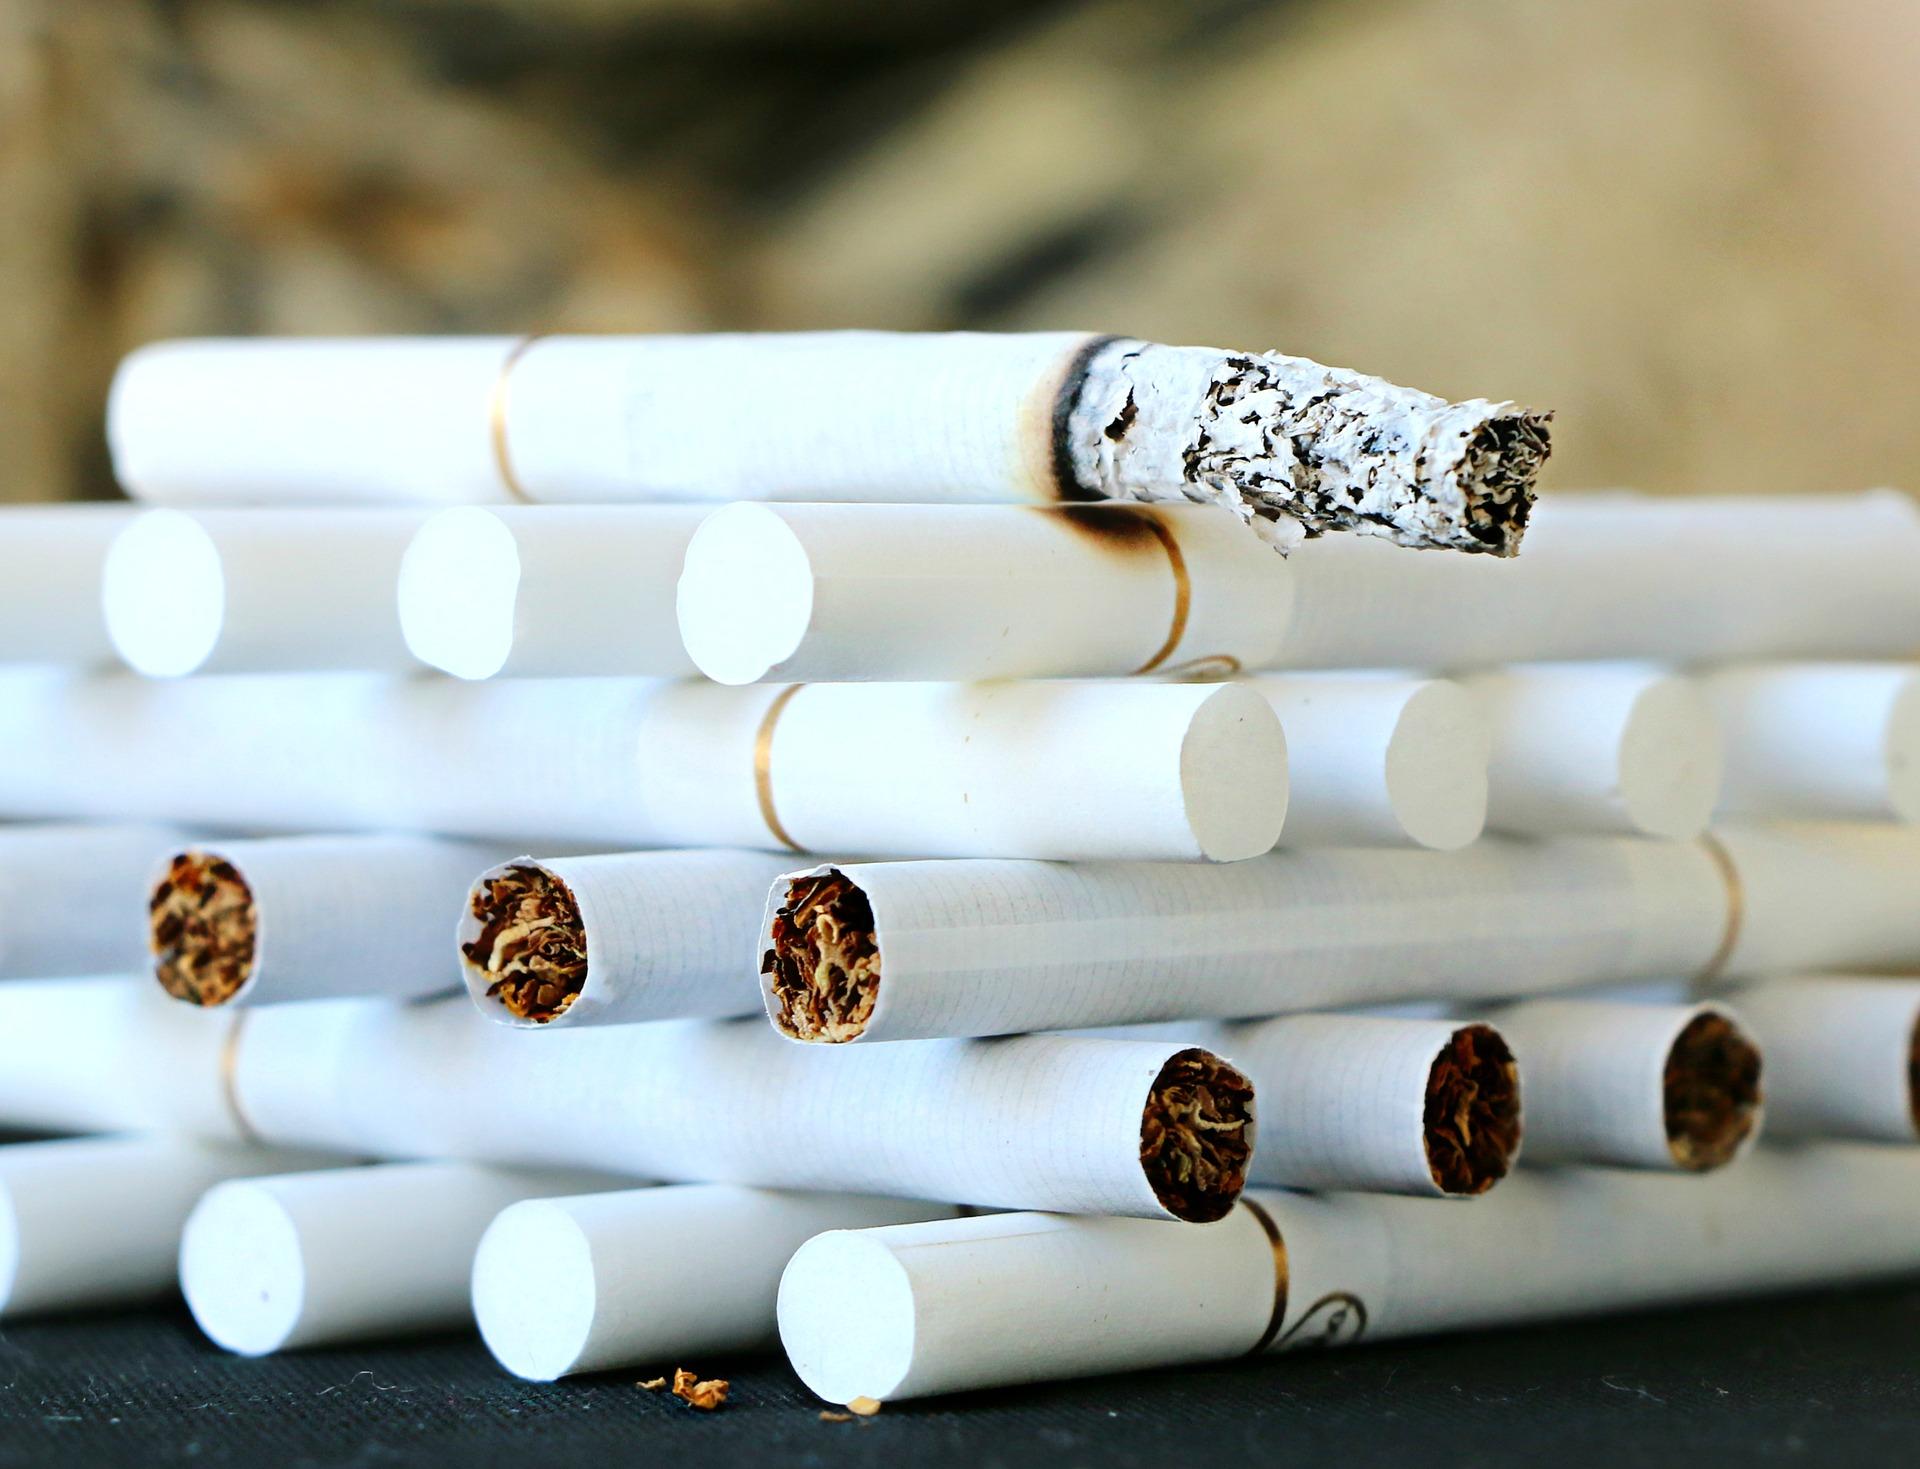 tobacco_oral_health_Murfreesboro